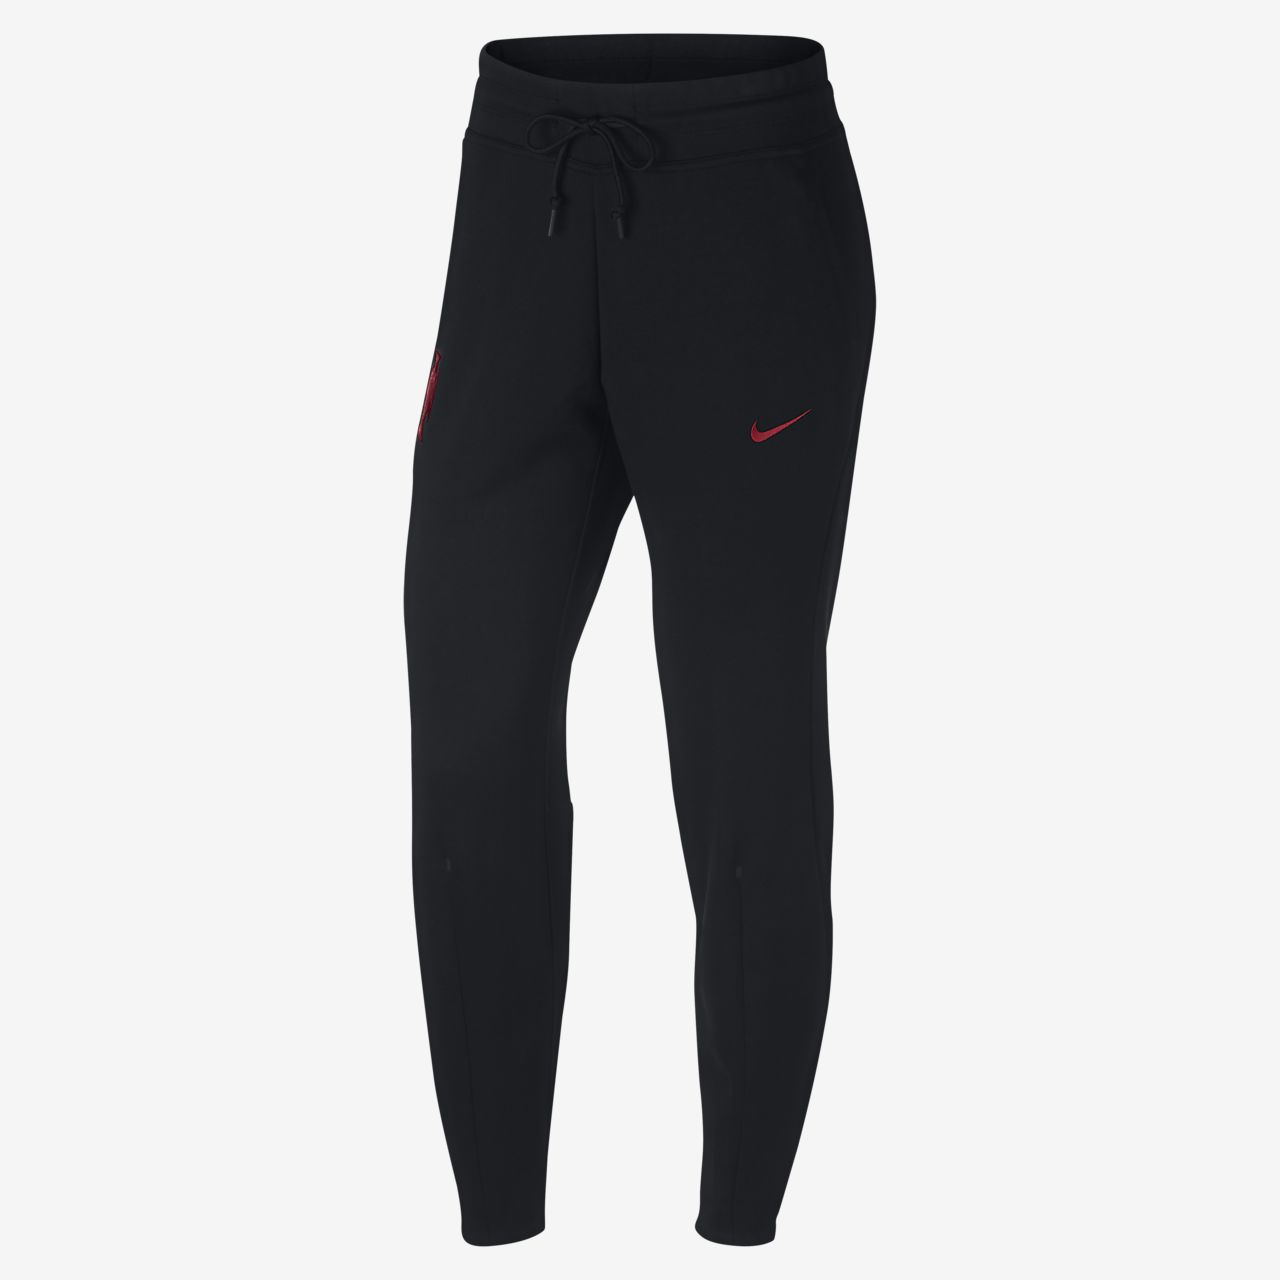 Portugal Tech Fleece Women's Pants